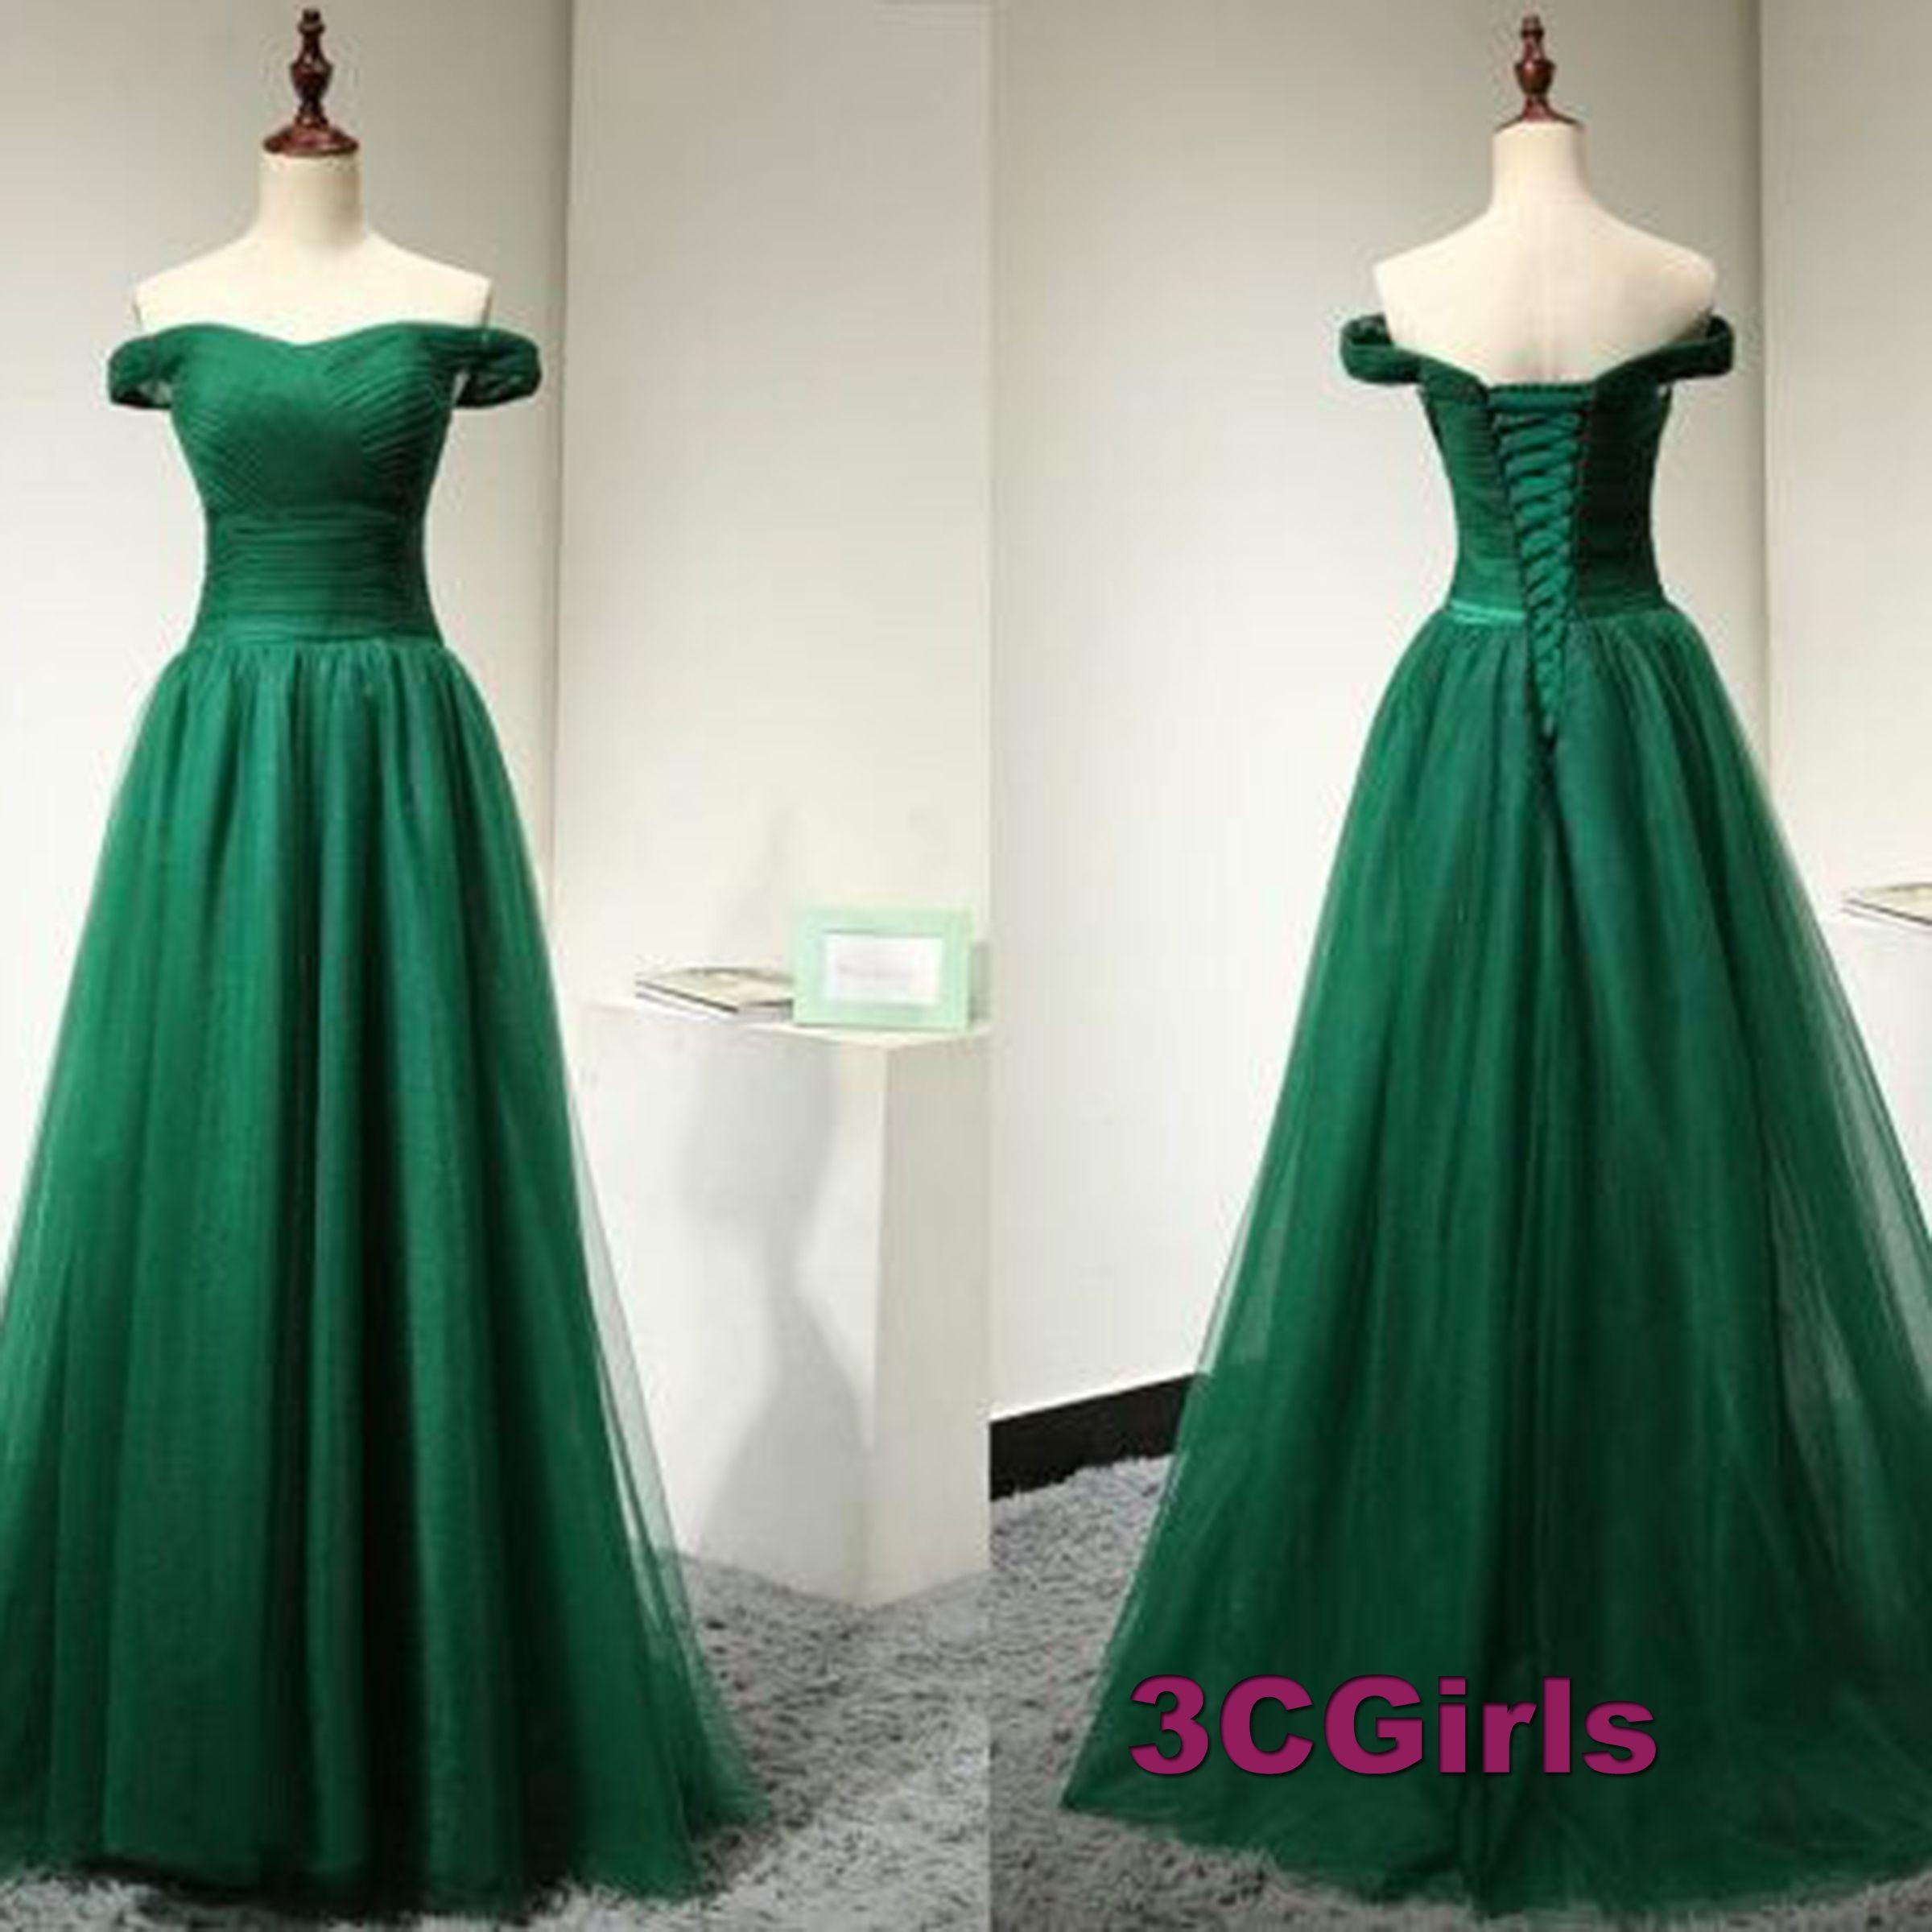 Elegant Green Tulle Long Dress For Prom 2017